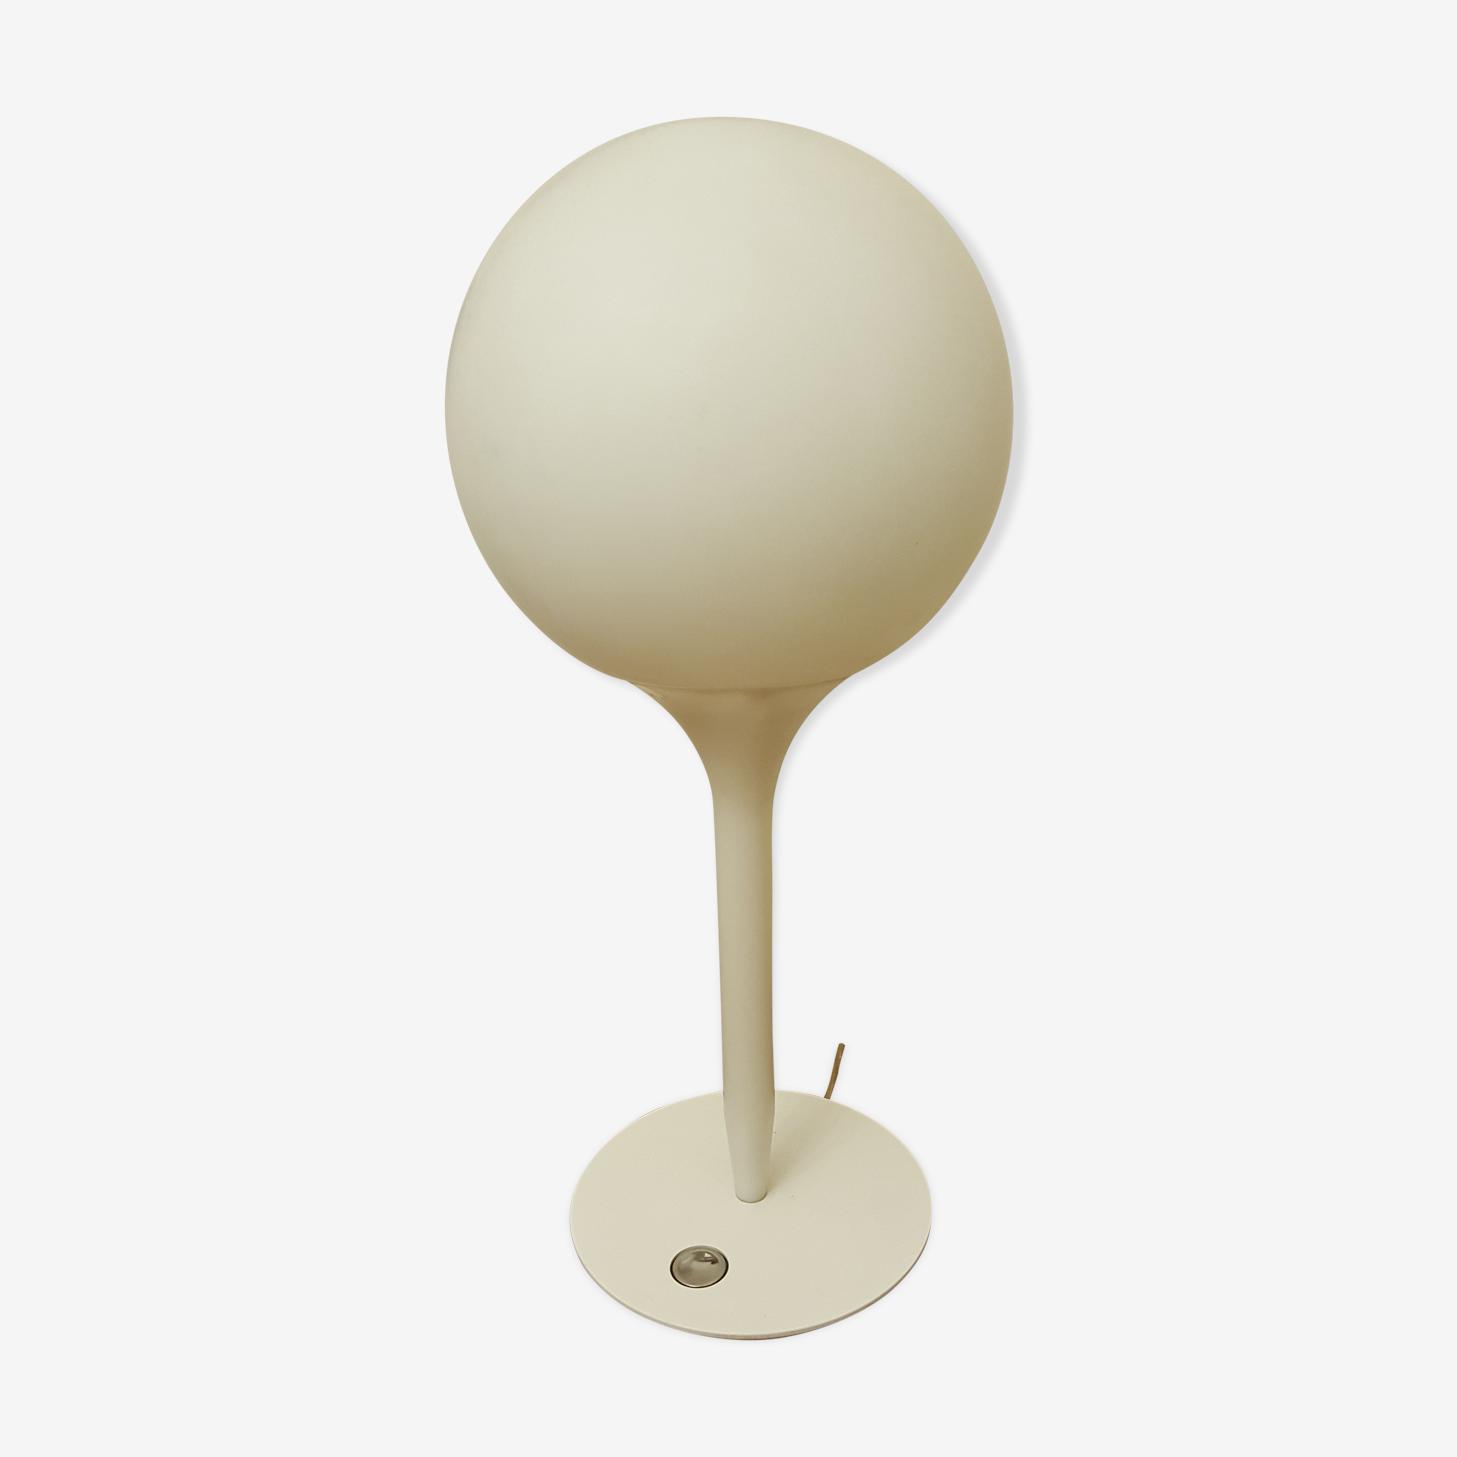 Castore lamp